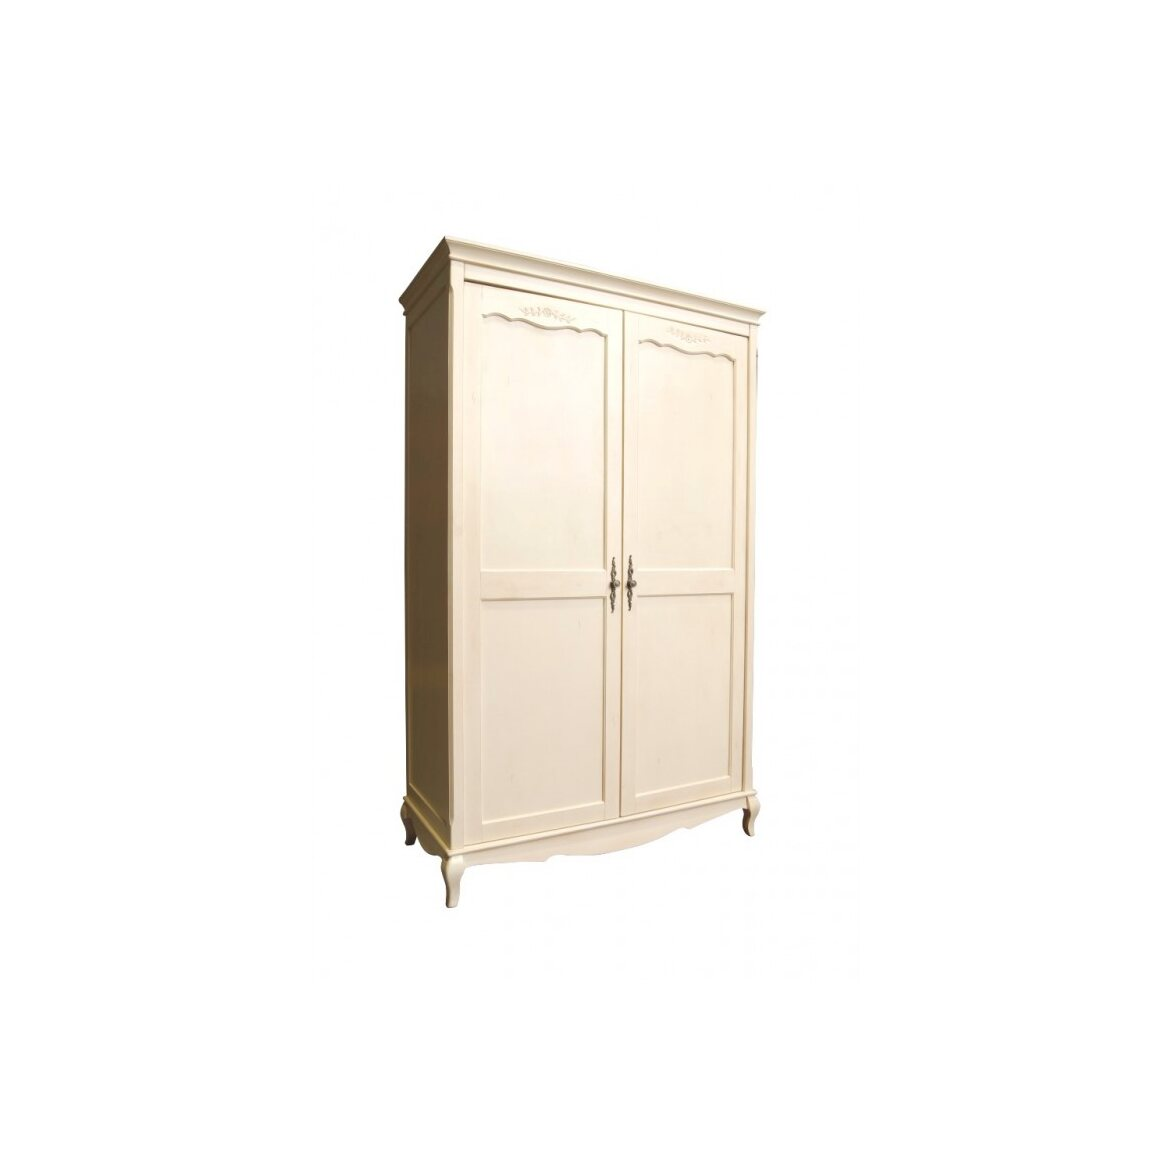 Платяной шкаф двухстворчатый Leontina, бежевого цвета 4   Платяные шкафы Kingsby